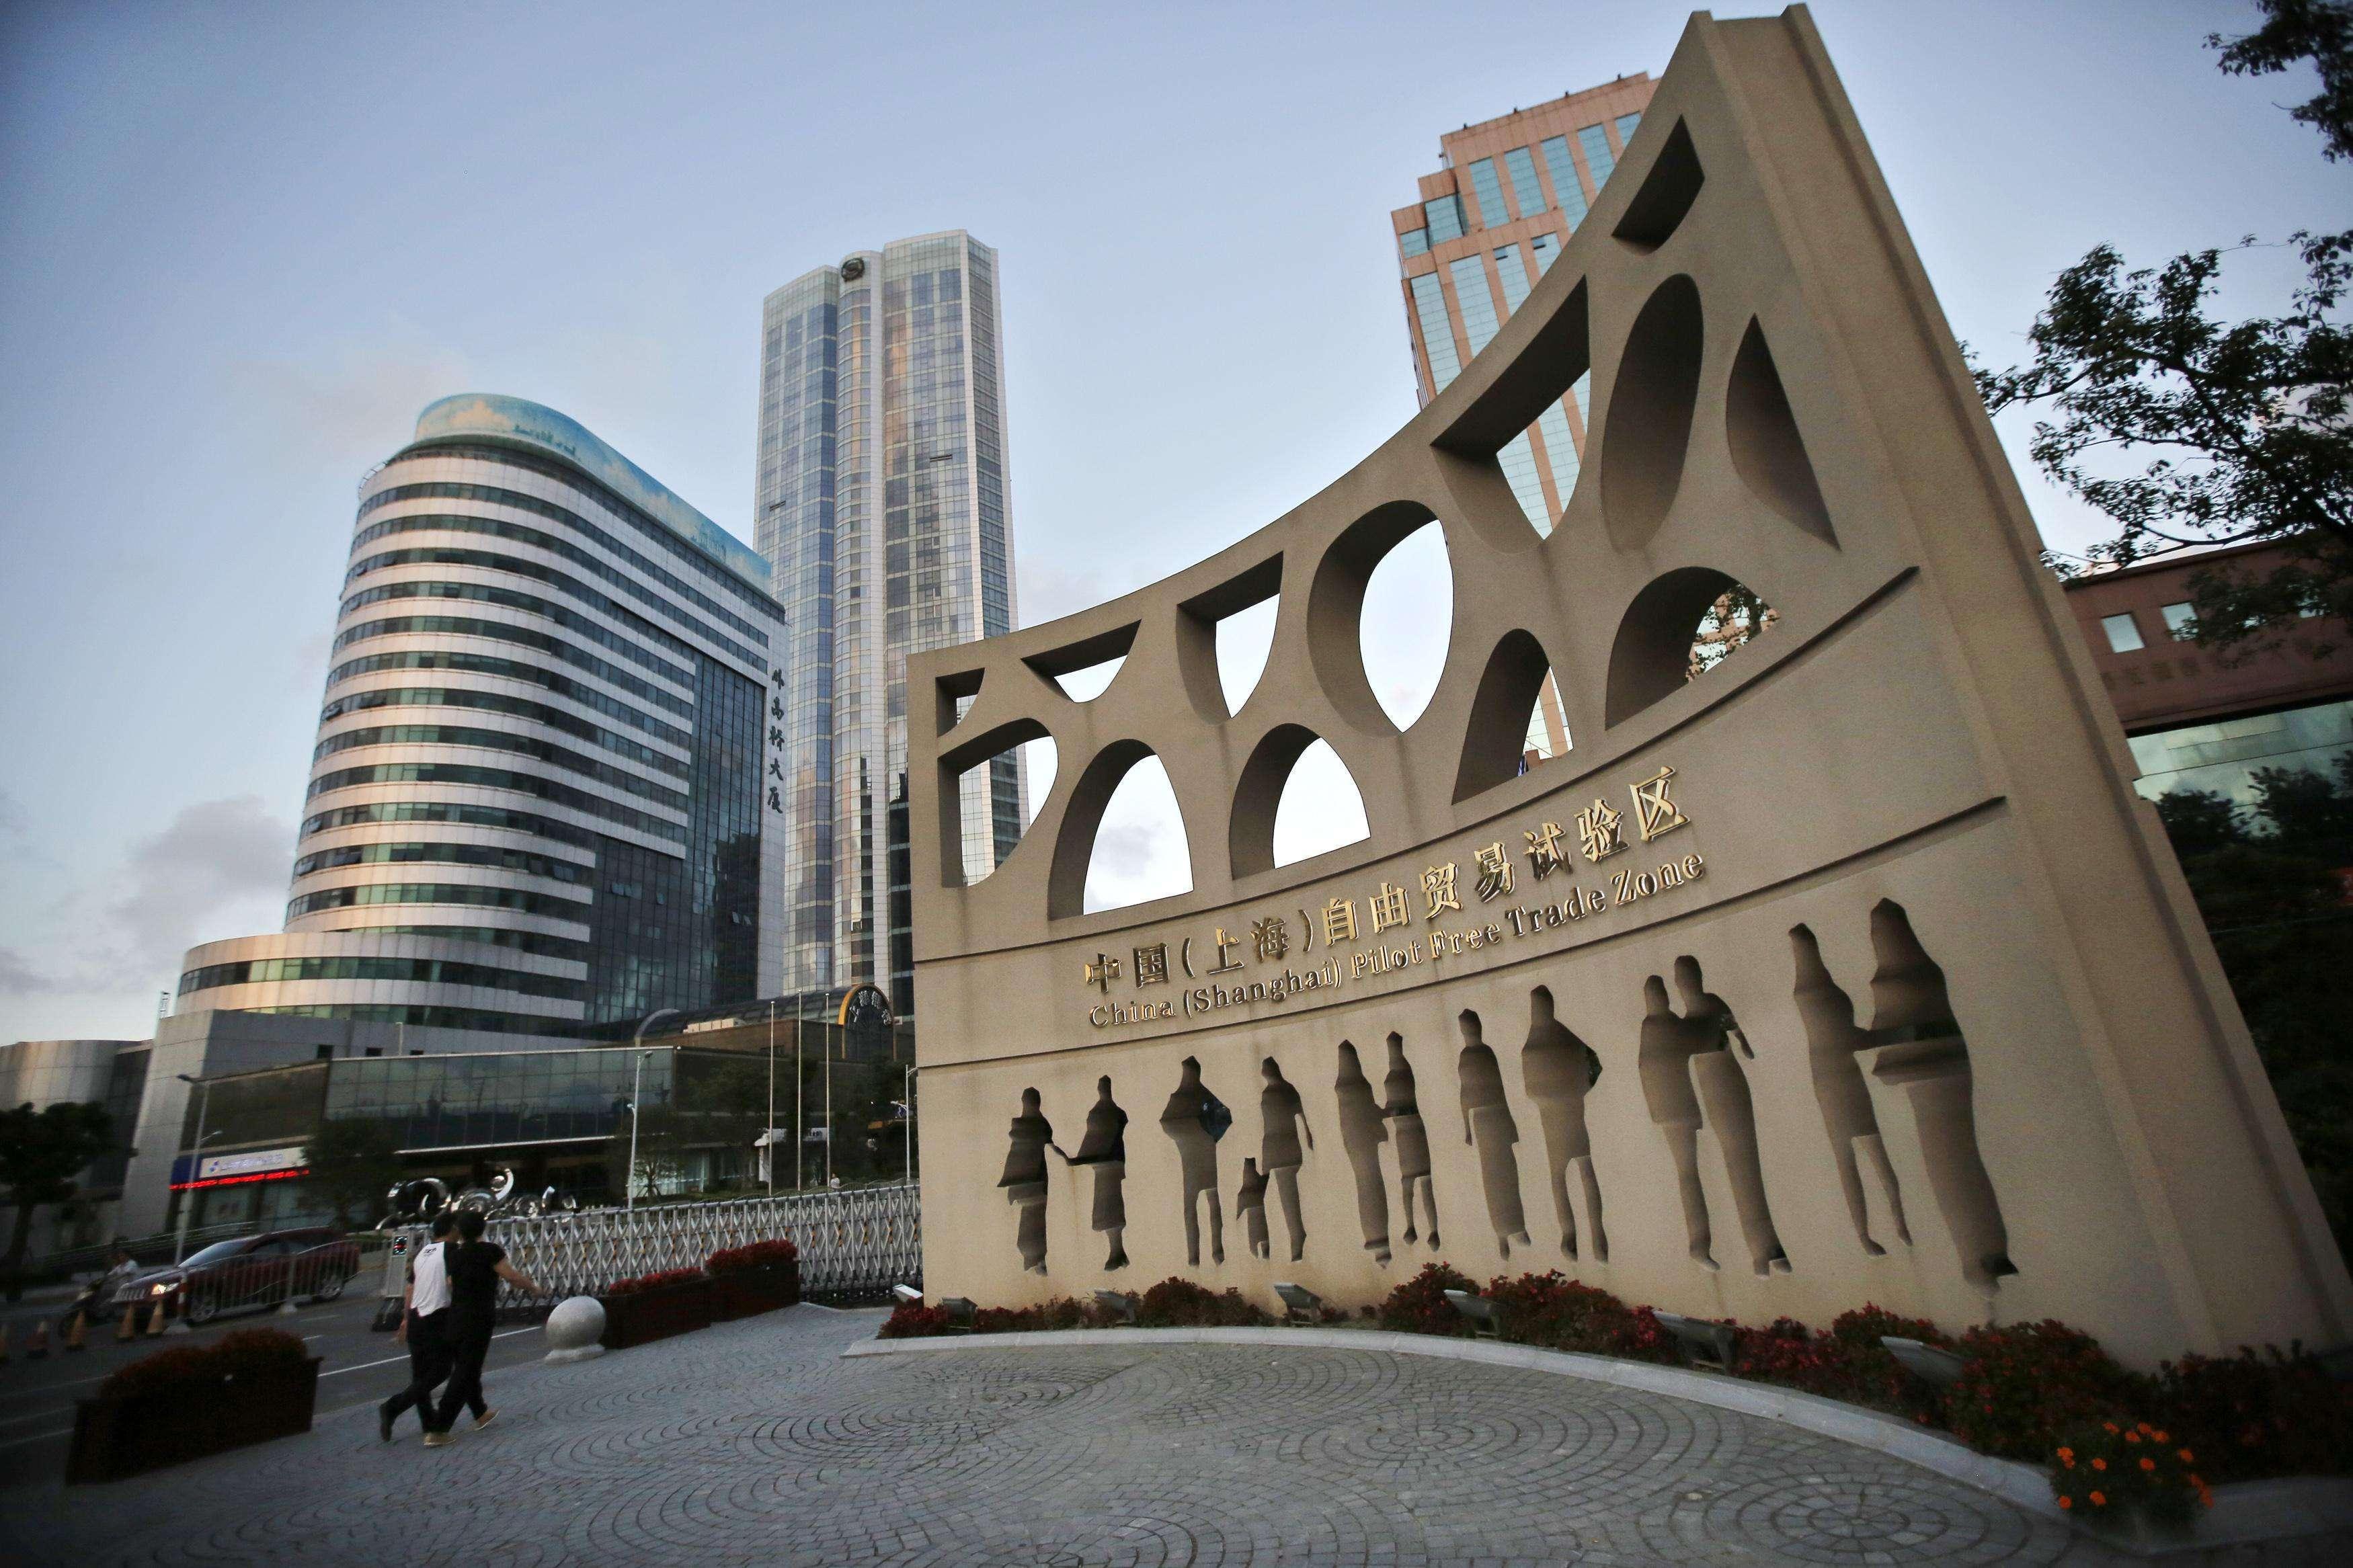 上海自贸区为中国带来了什么